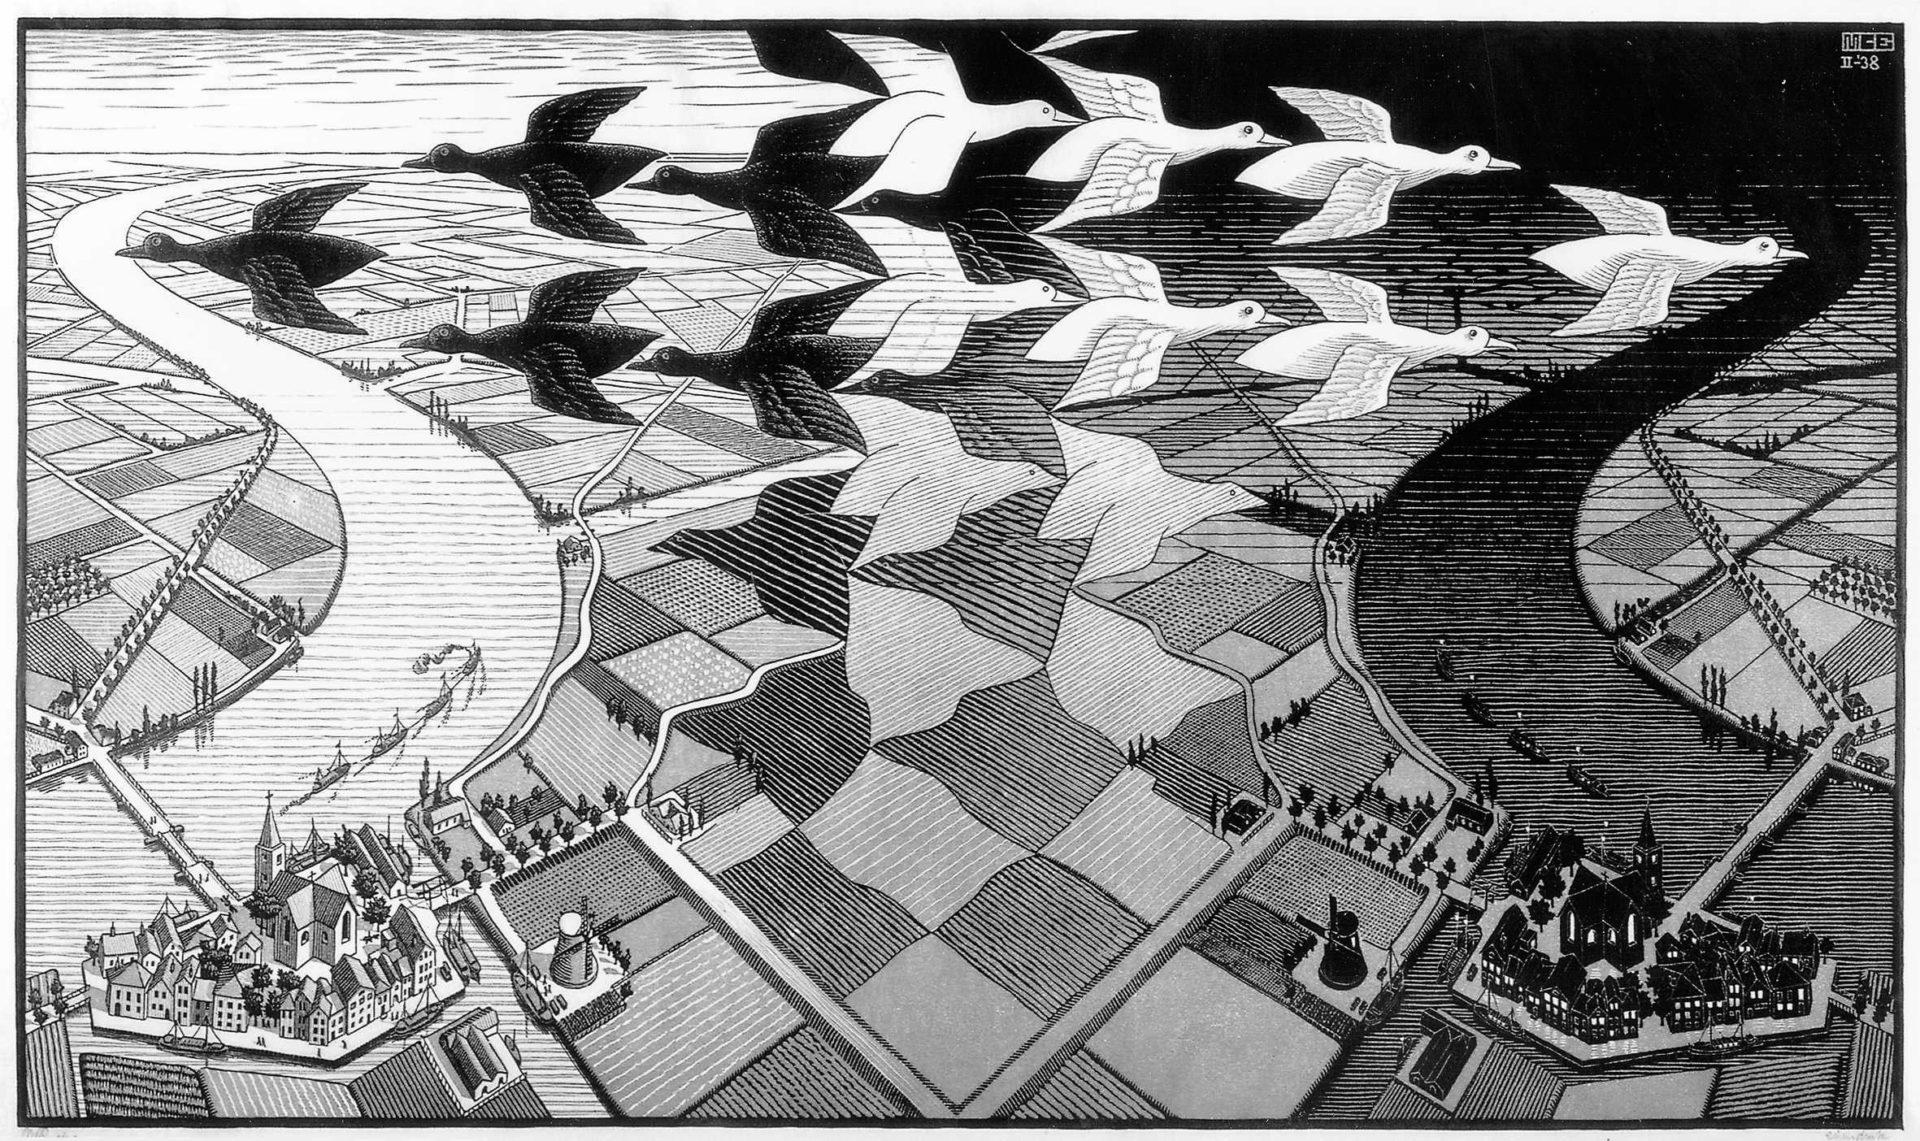 Kunstwerk von M.C. Escher im coolsten Museum in Den Haag